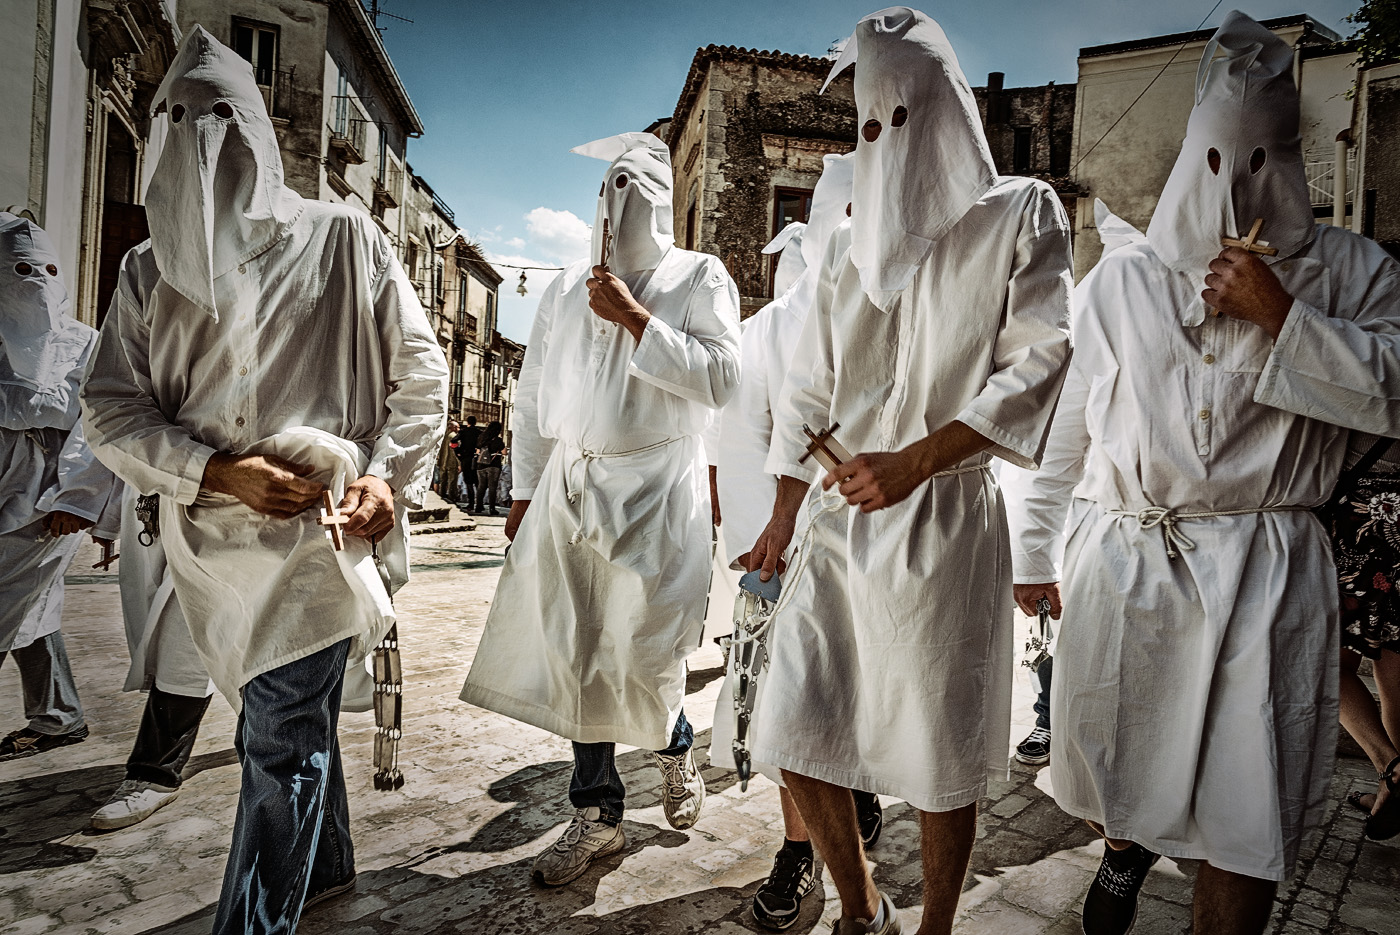 Penitenti   2017, I riti settennali in onore dell'Assunta. A Guardia Sanframondi, una cittadina sannita di antiche origini, ogni sette anni si svolgono i riti di penitenza in onore dell'Assunta. La manifestazione,